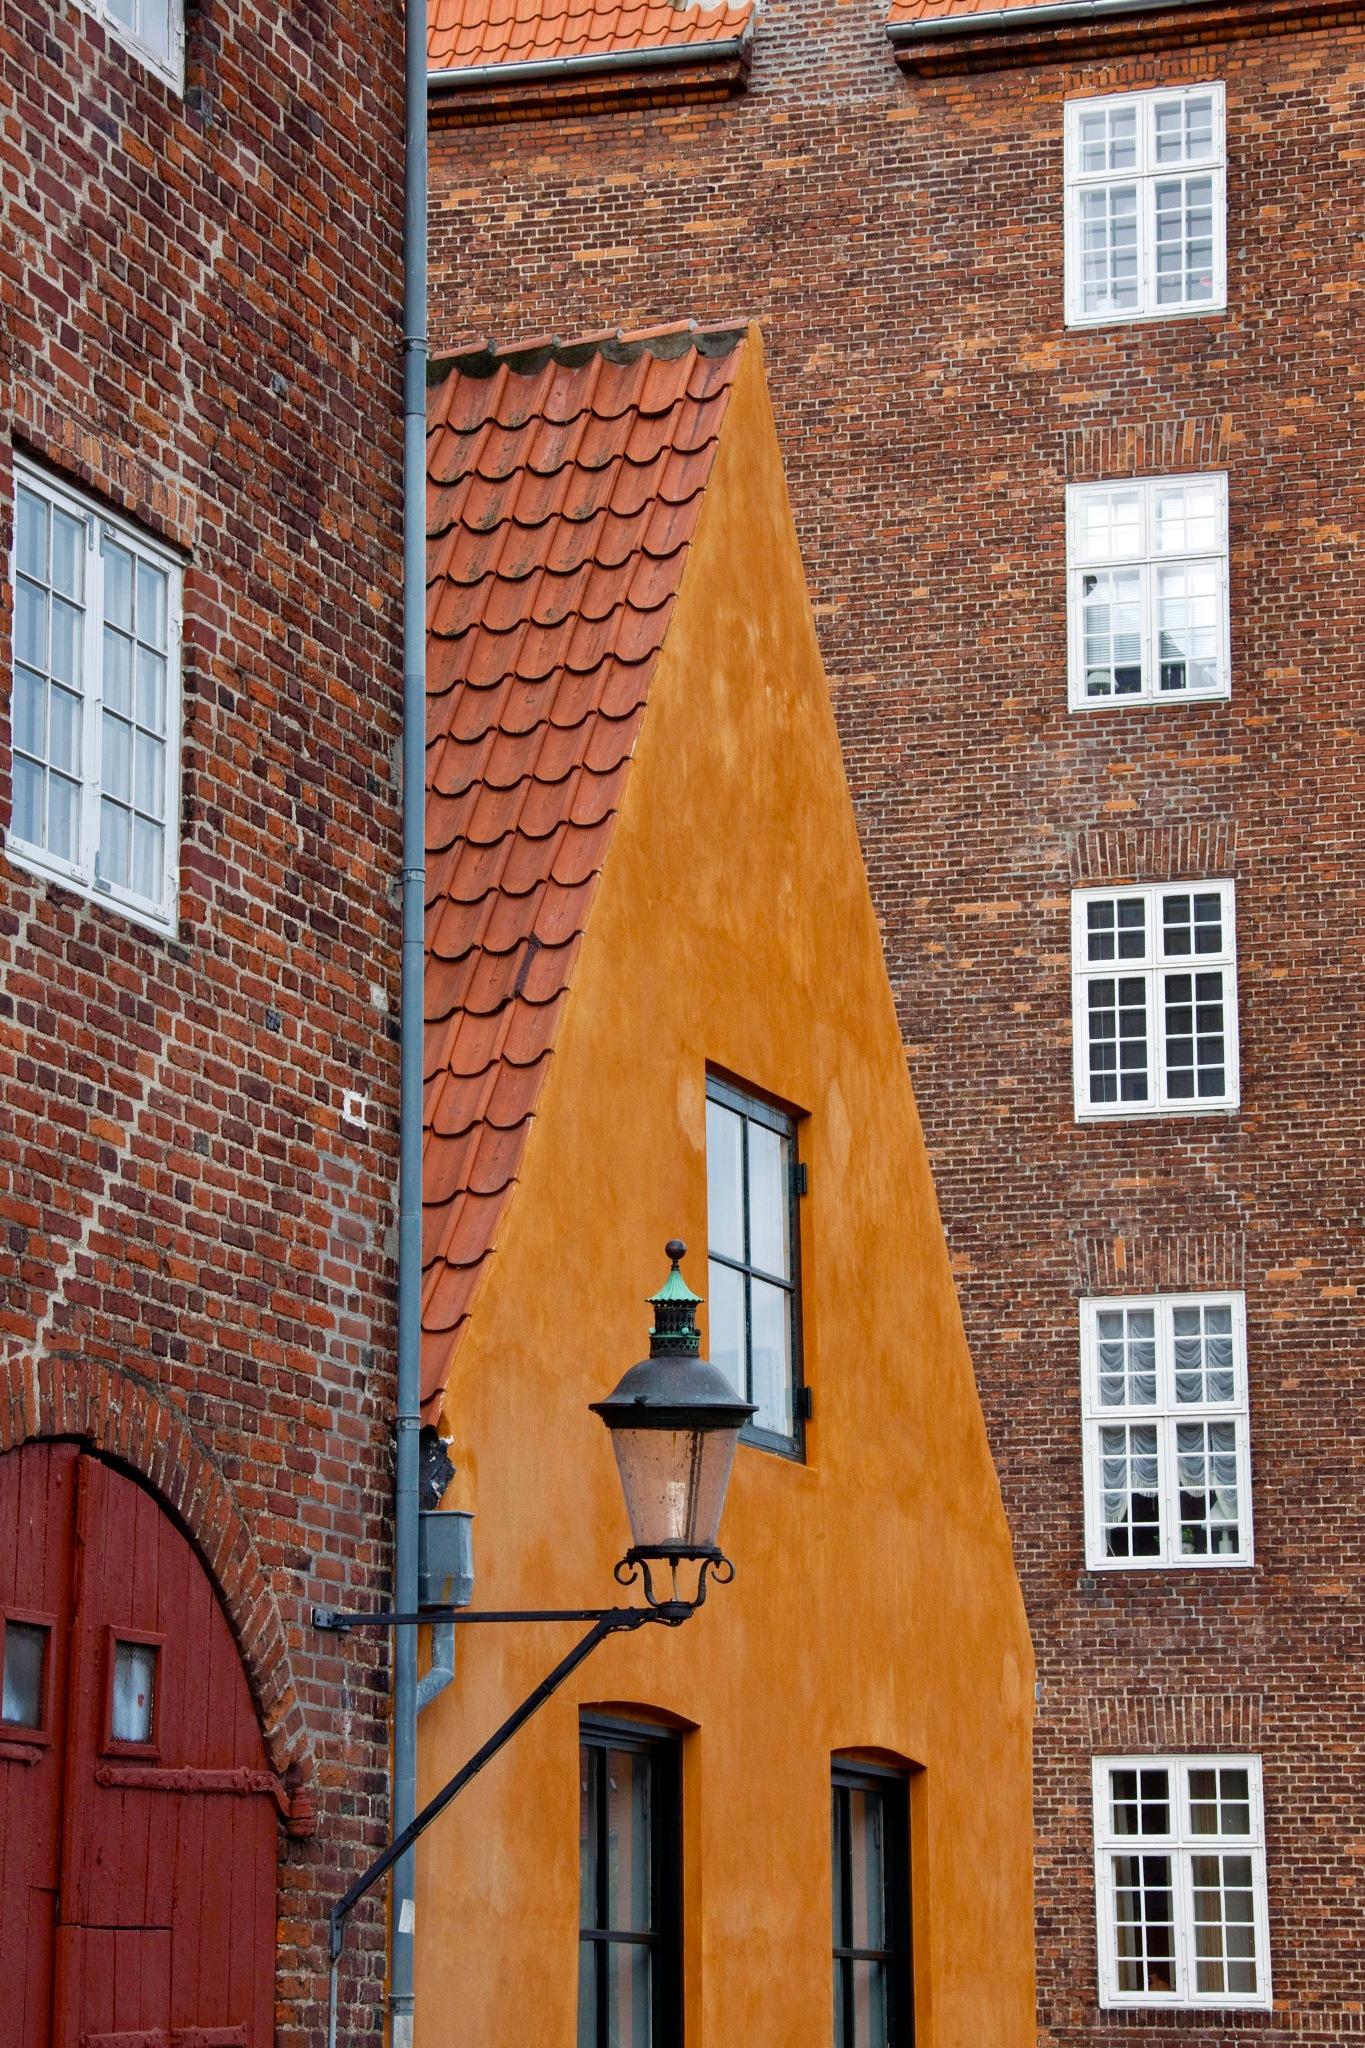 Copenhague textures by Francisco Sá da Bandeira